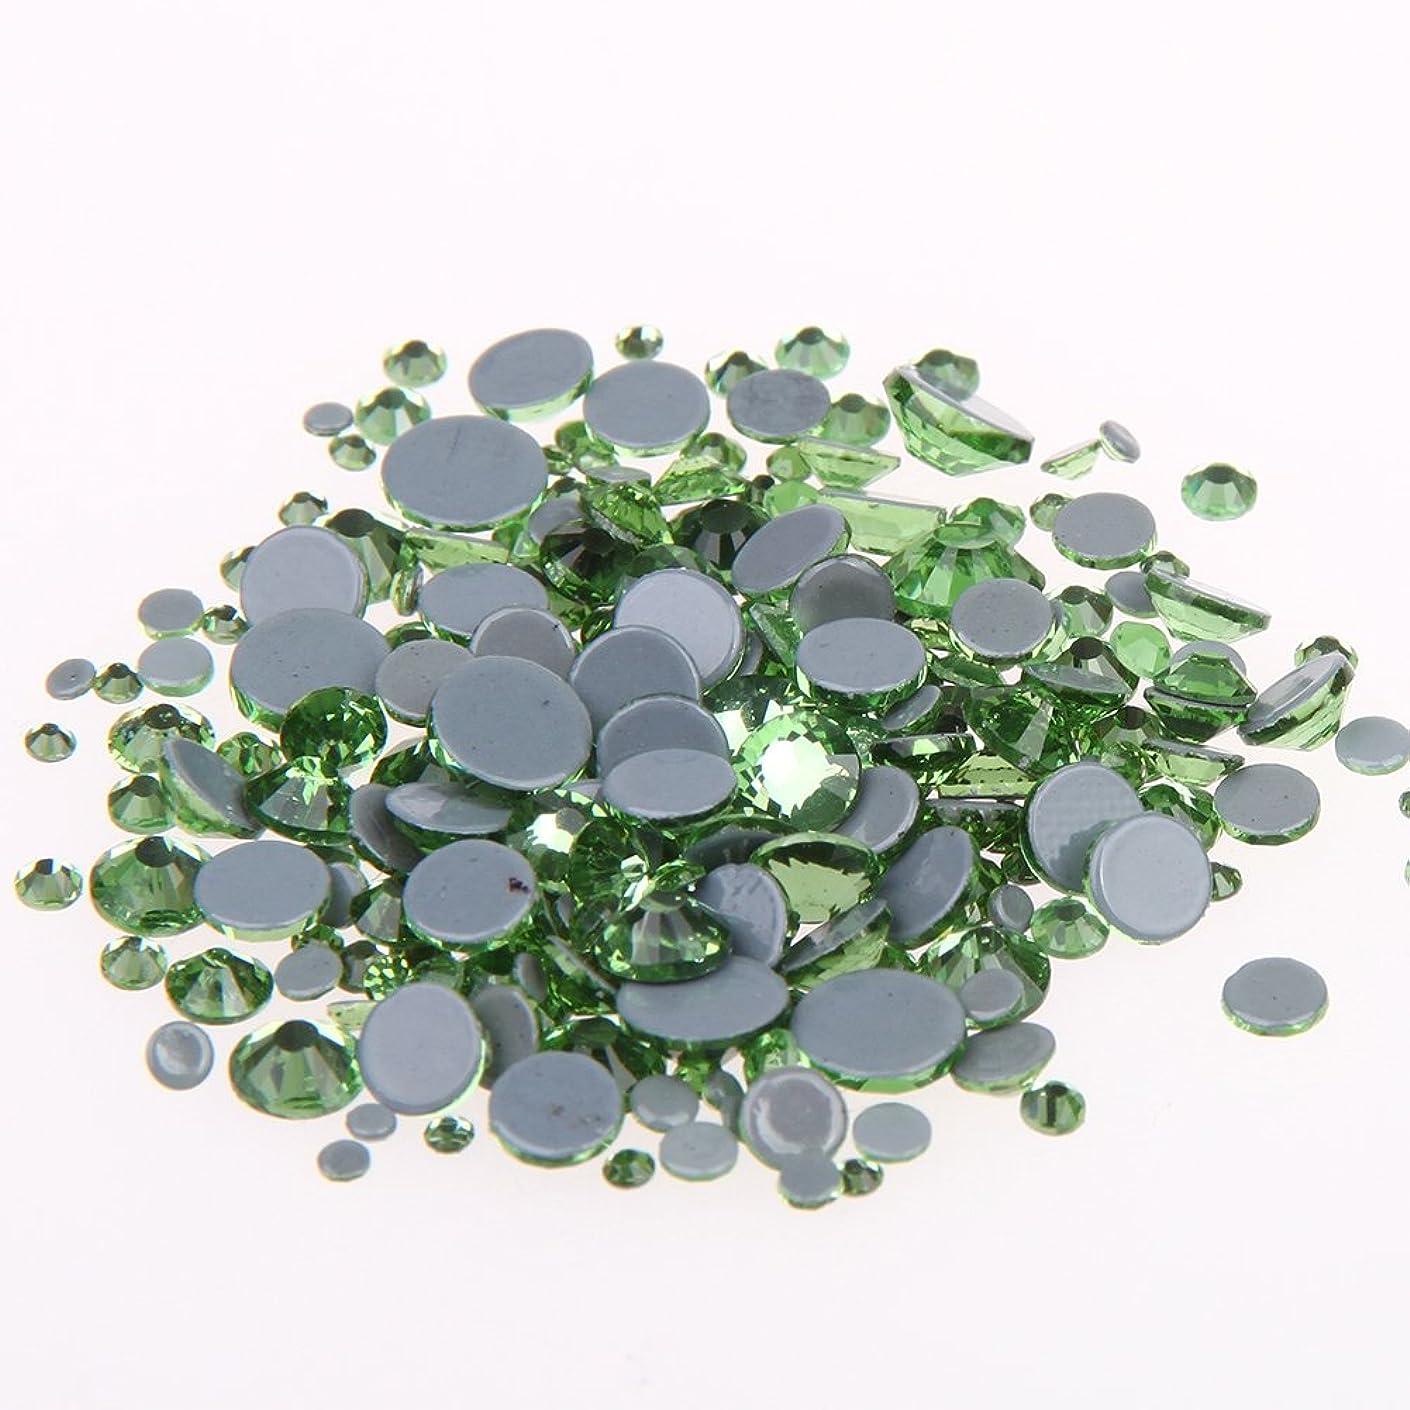 まだら管理者説得力のあるNizi ジュエリー ブランド ペリドット ホットフィックスラインストーン は ガラスの材質 衣類 ネイル使用 型番ss6-ss30 (SS10 1440pcs)